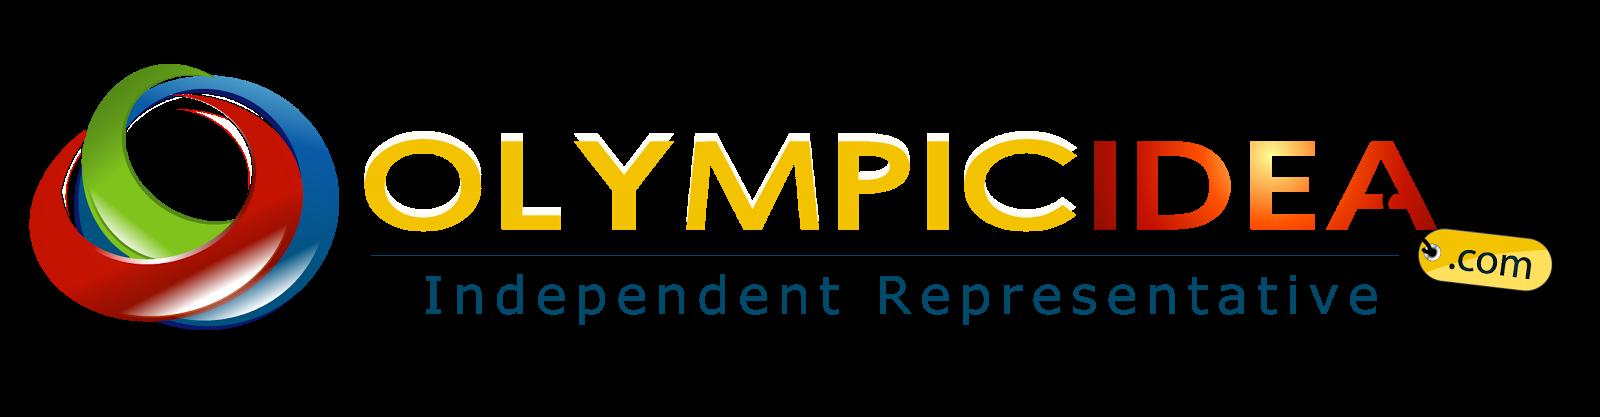 Olympic Idea